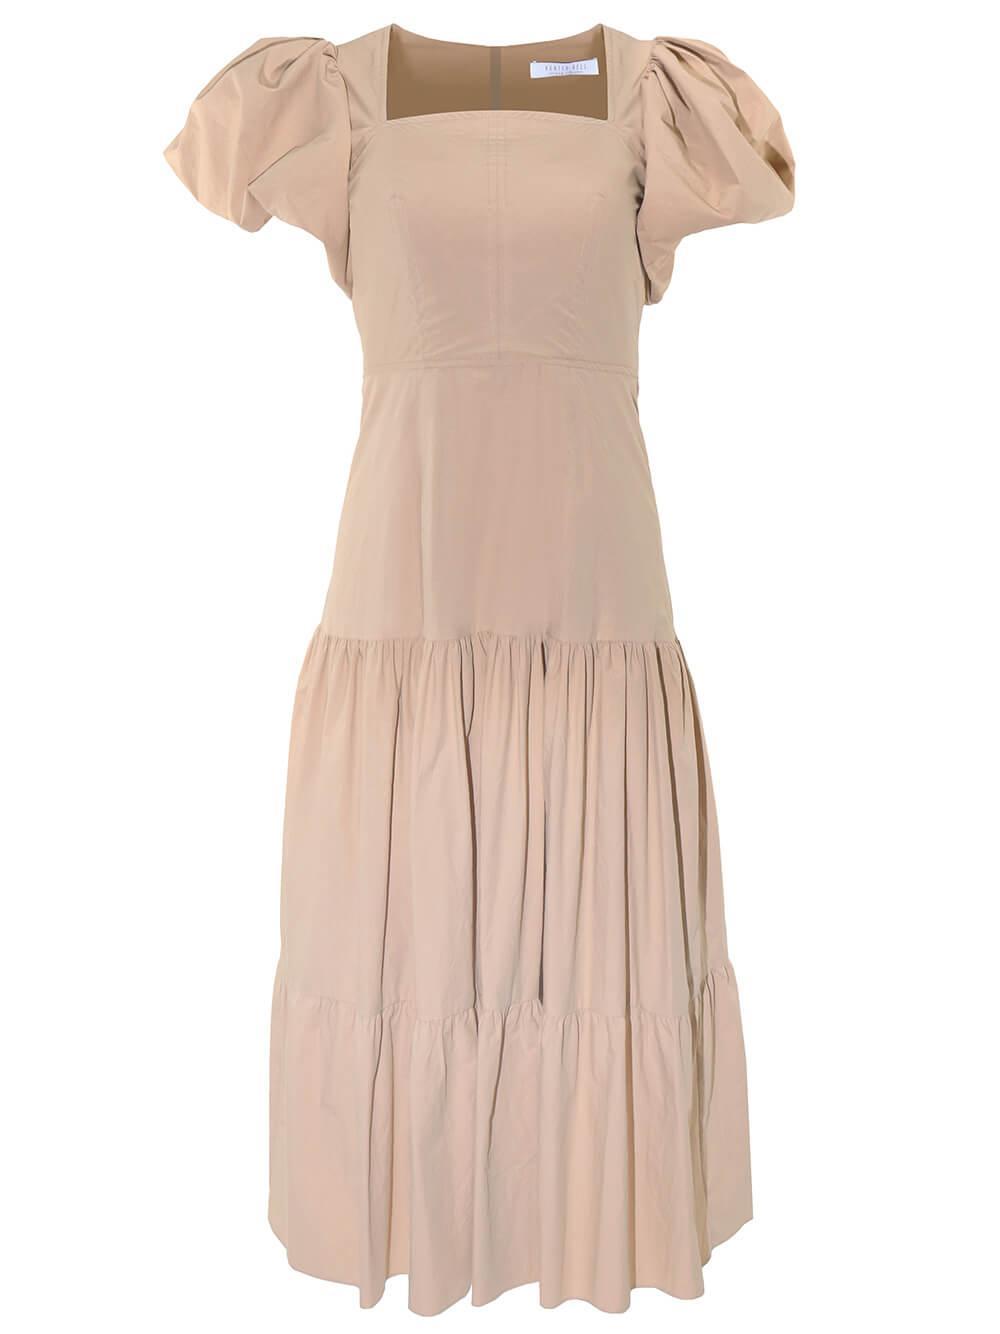 Cassidy Midi Dress Item # 21SPD26